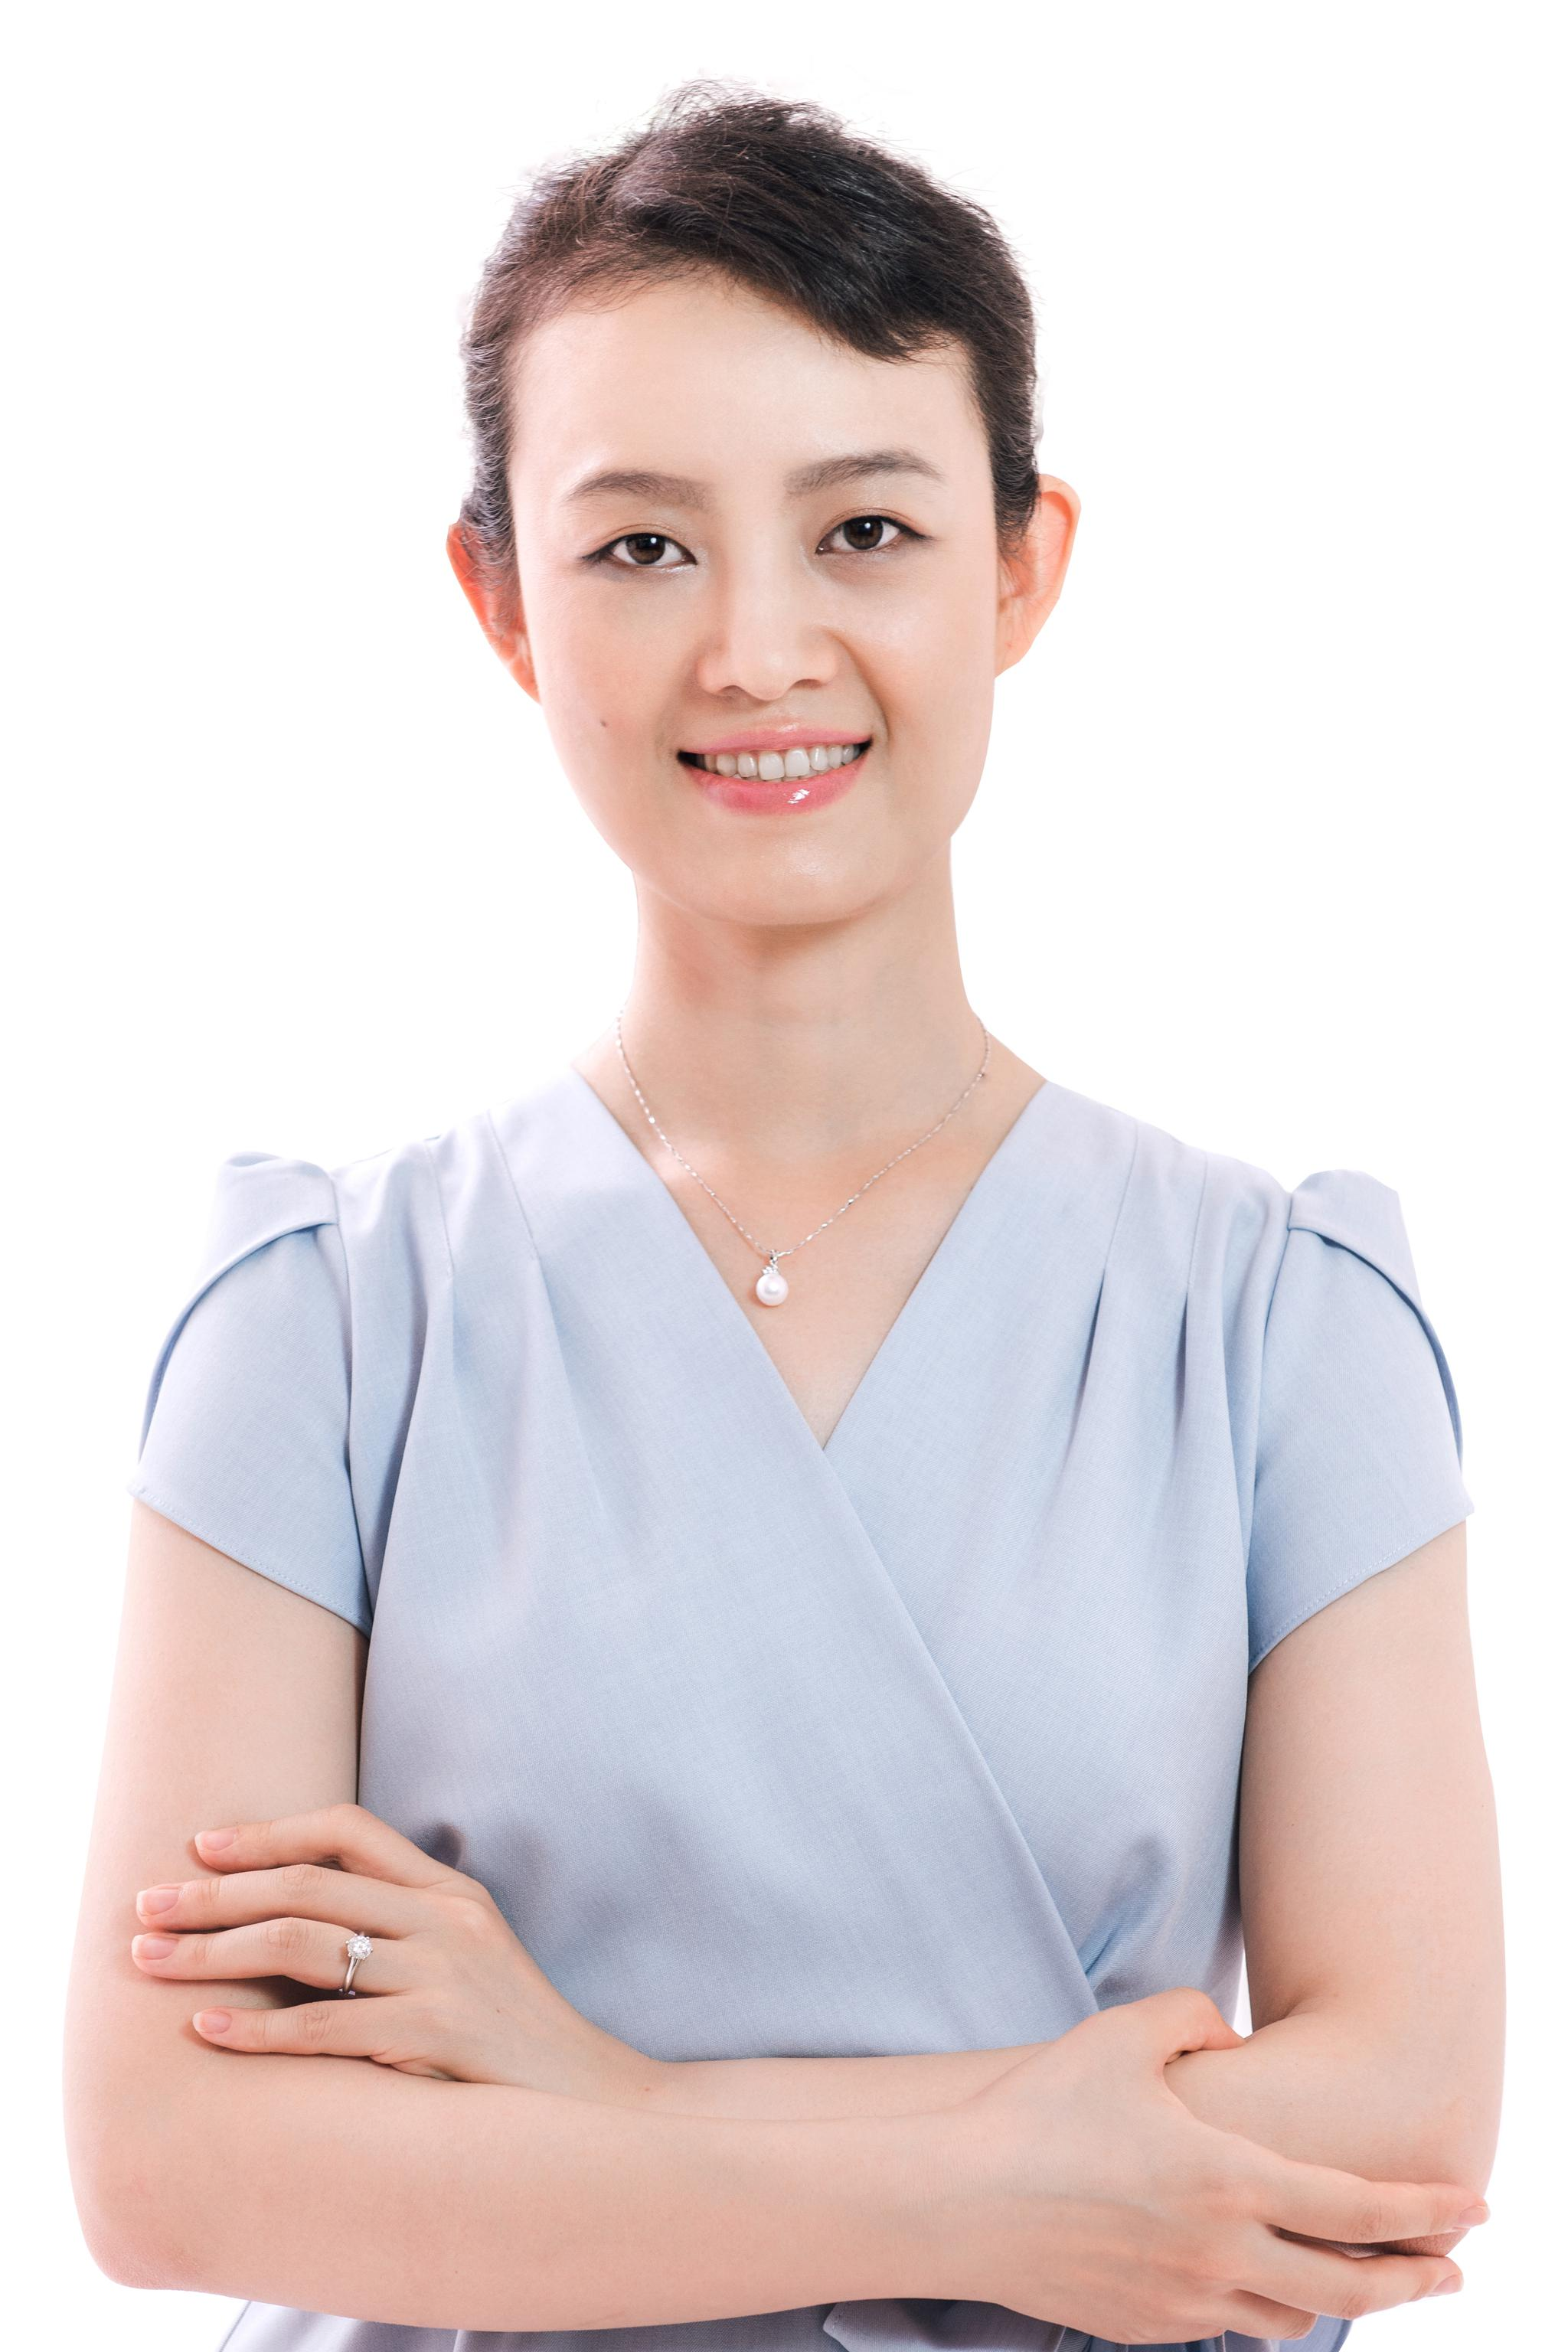 刘颖 北京大学生命科学学院教授,博士生导师 科学队长特邀专家